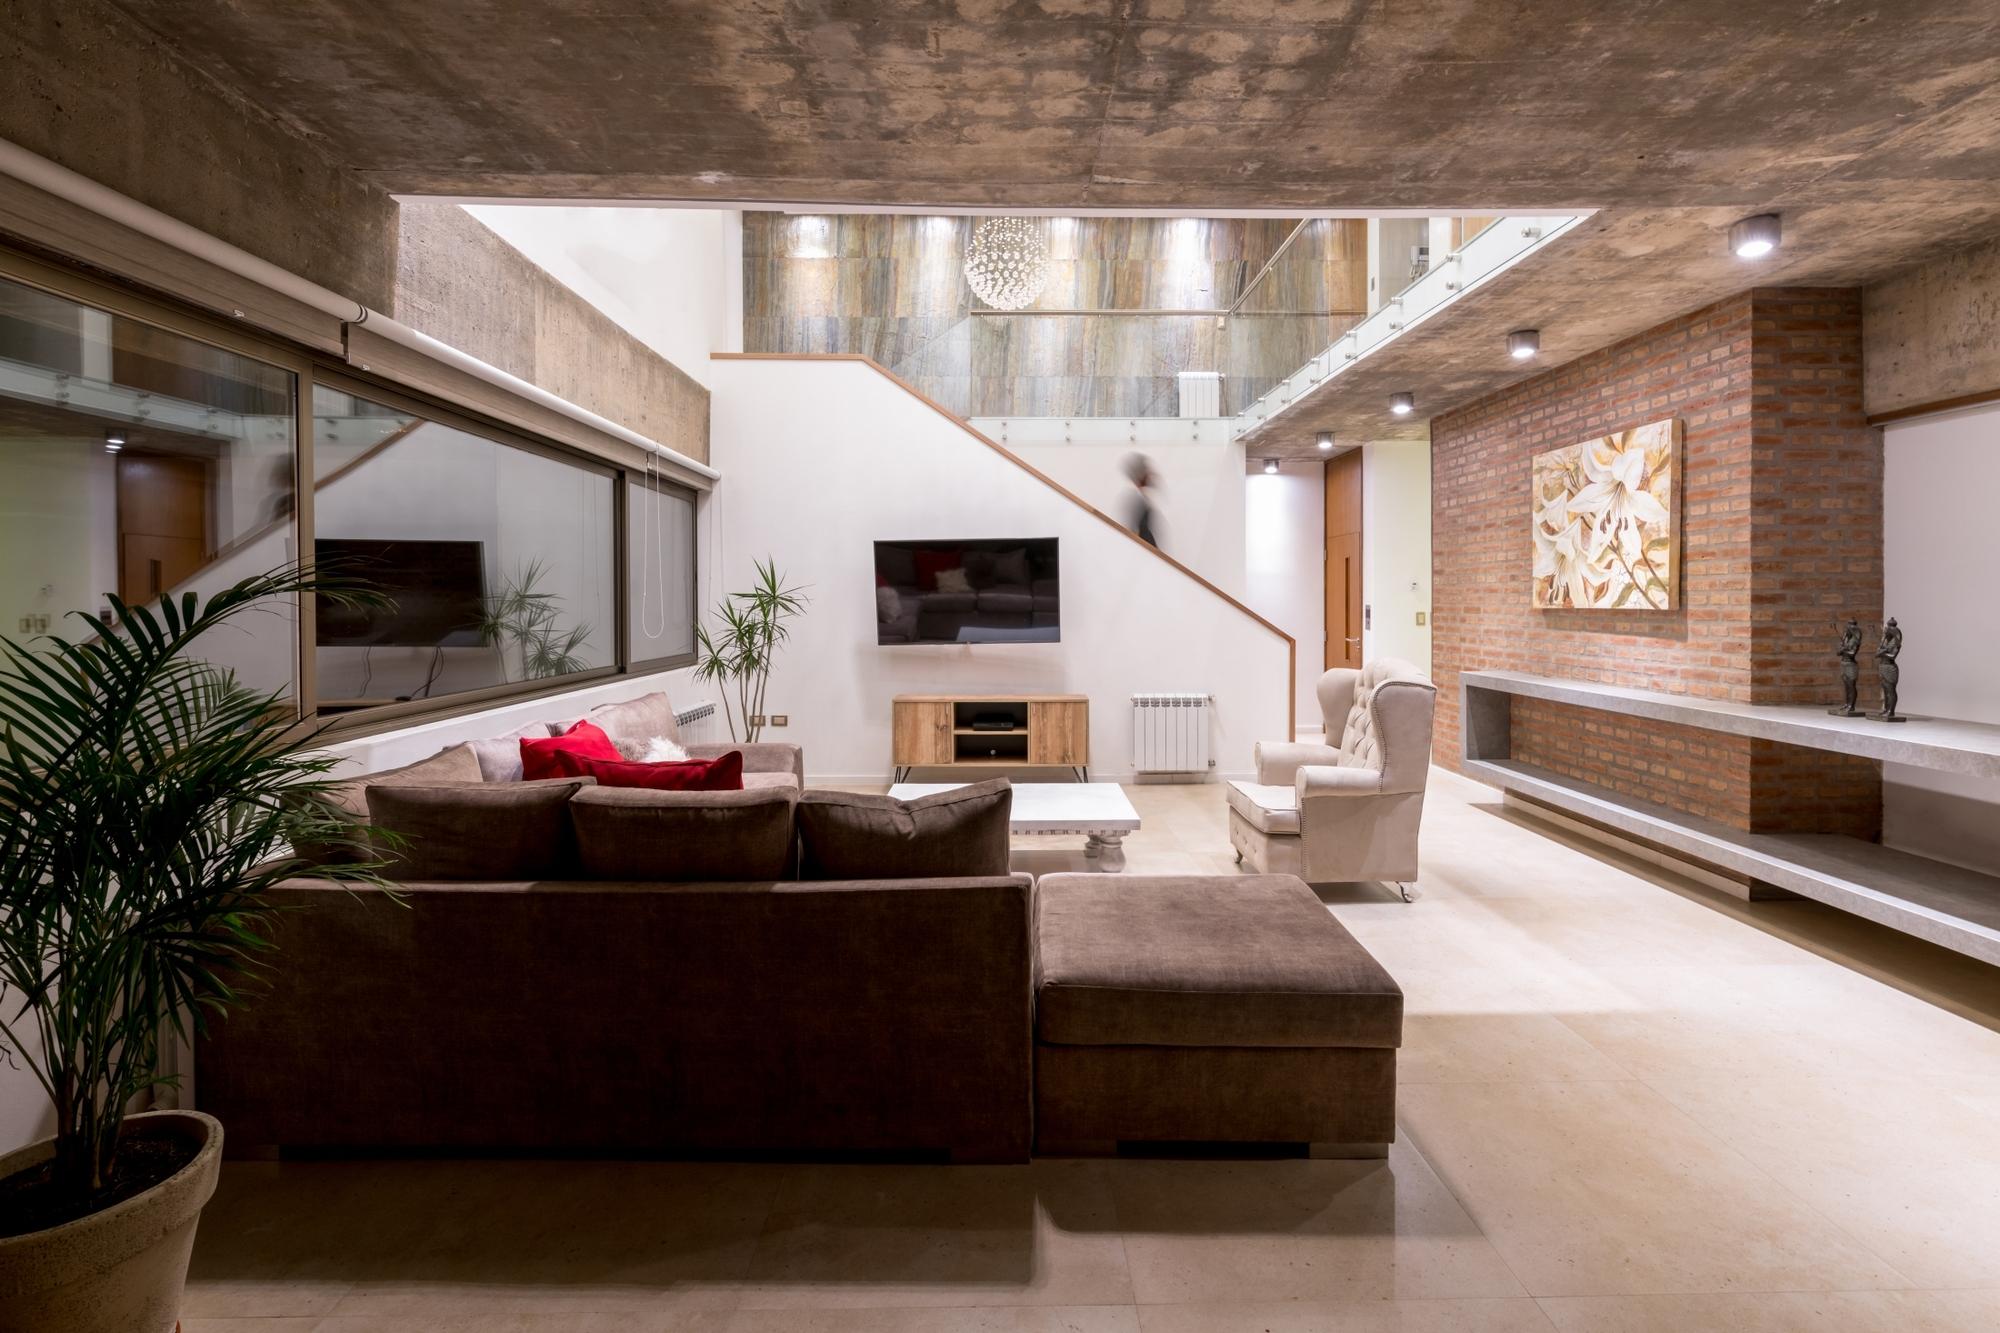 Galer a de vivienda en el norte de c rdoba ono arquitectos 25 - Arquitectos en cordoba ...